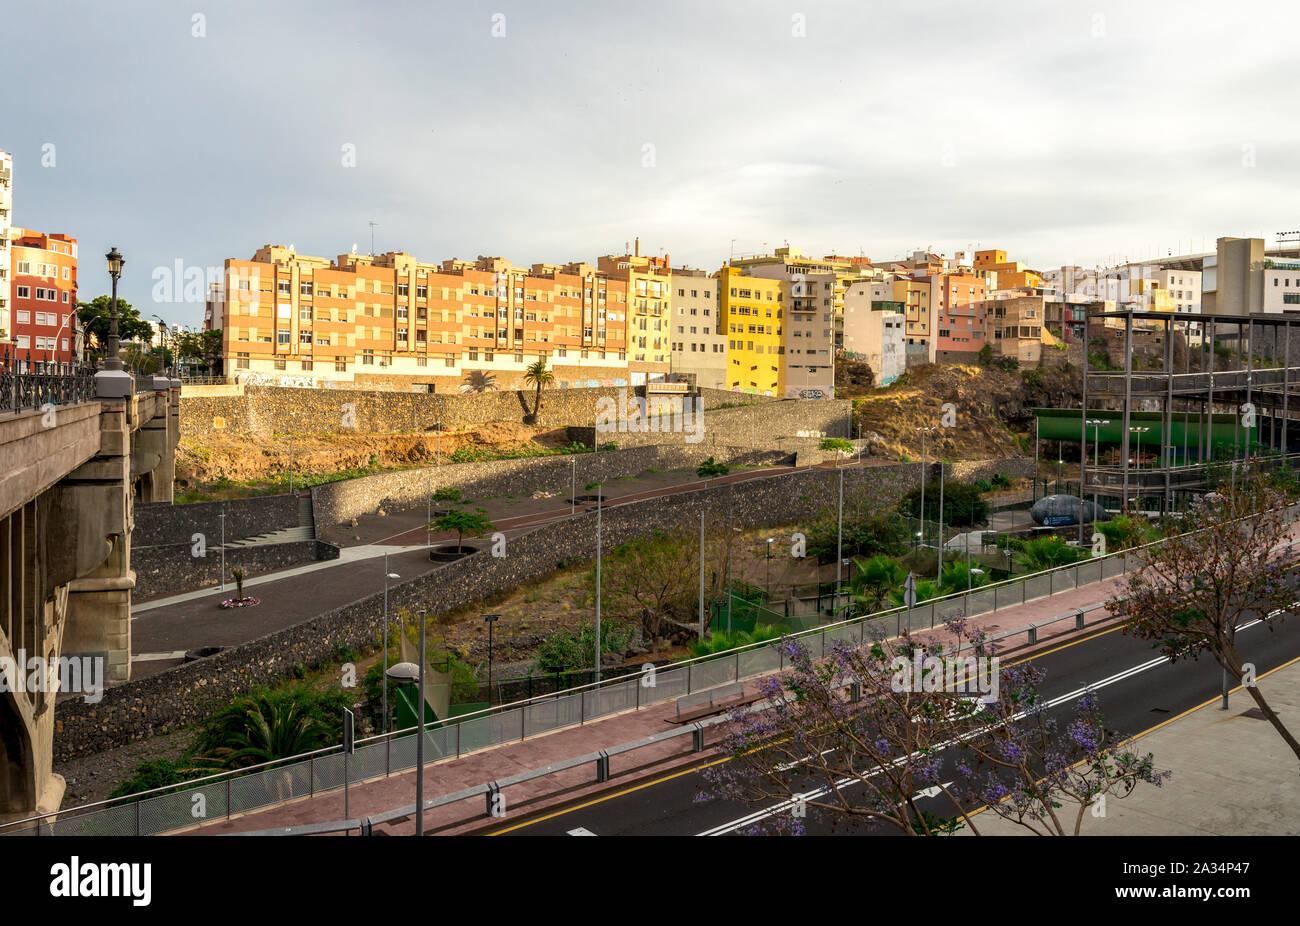 Vue du pont du Barranco de Santos avec la division du centre-ville de Santa Cruz de Tenerife, Canaries, Espagne Banque D'Images